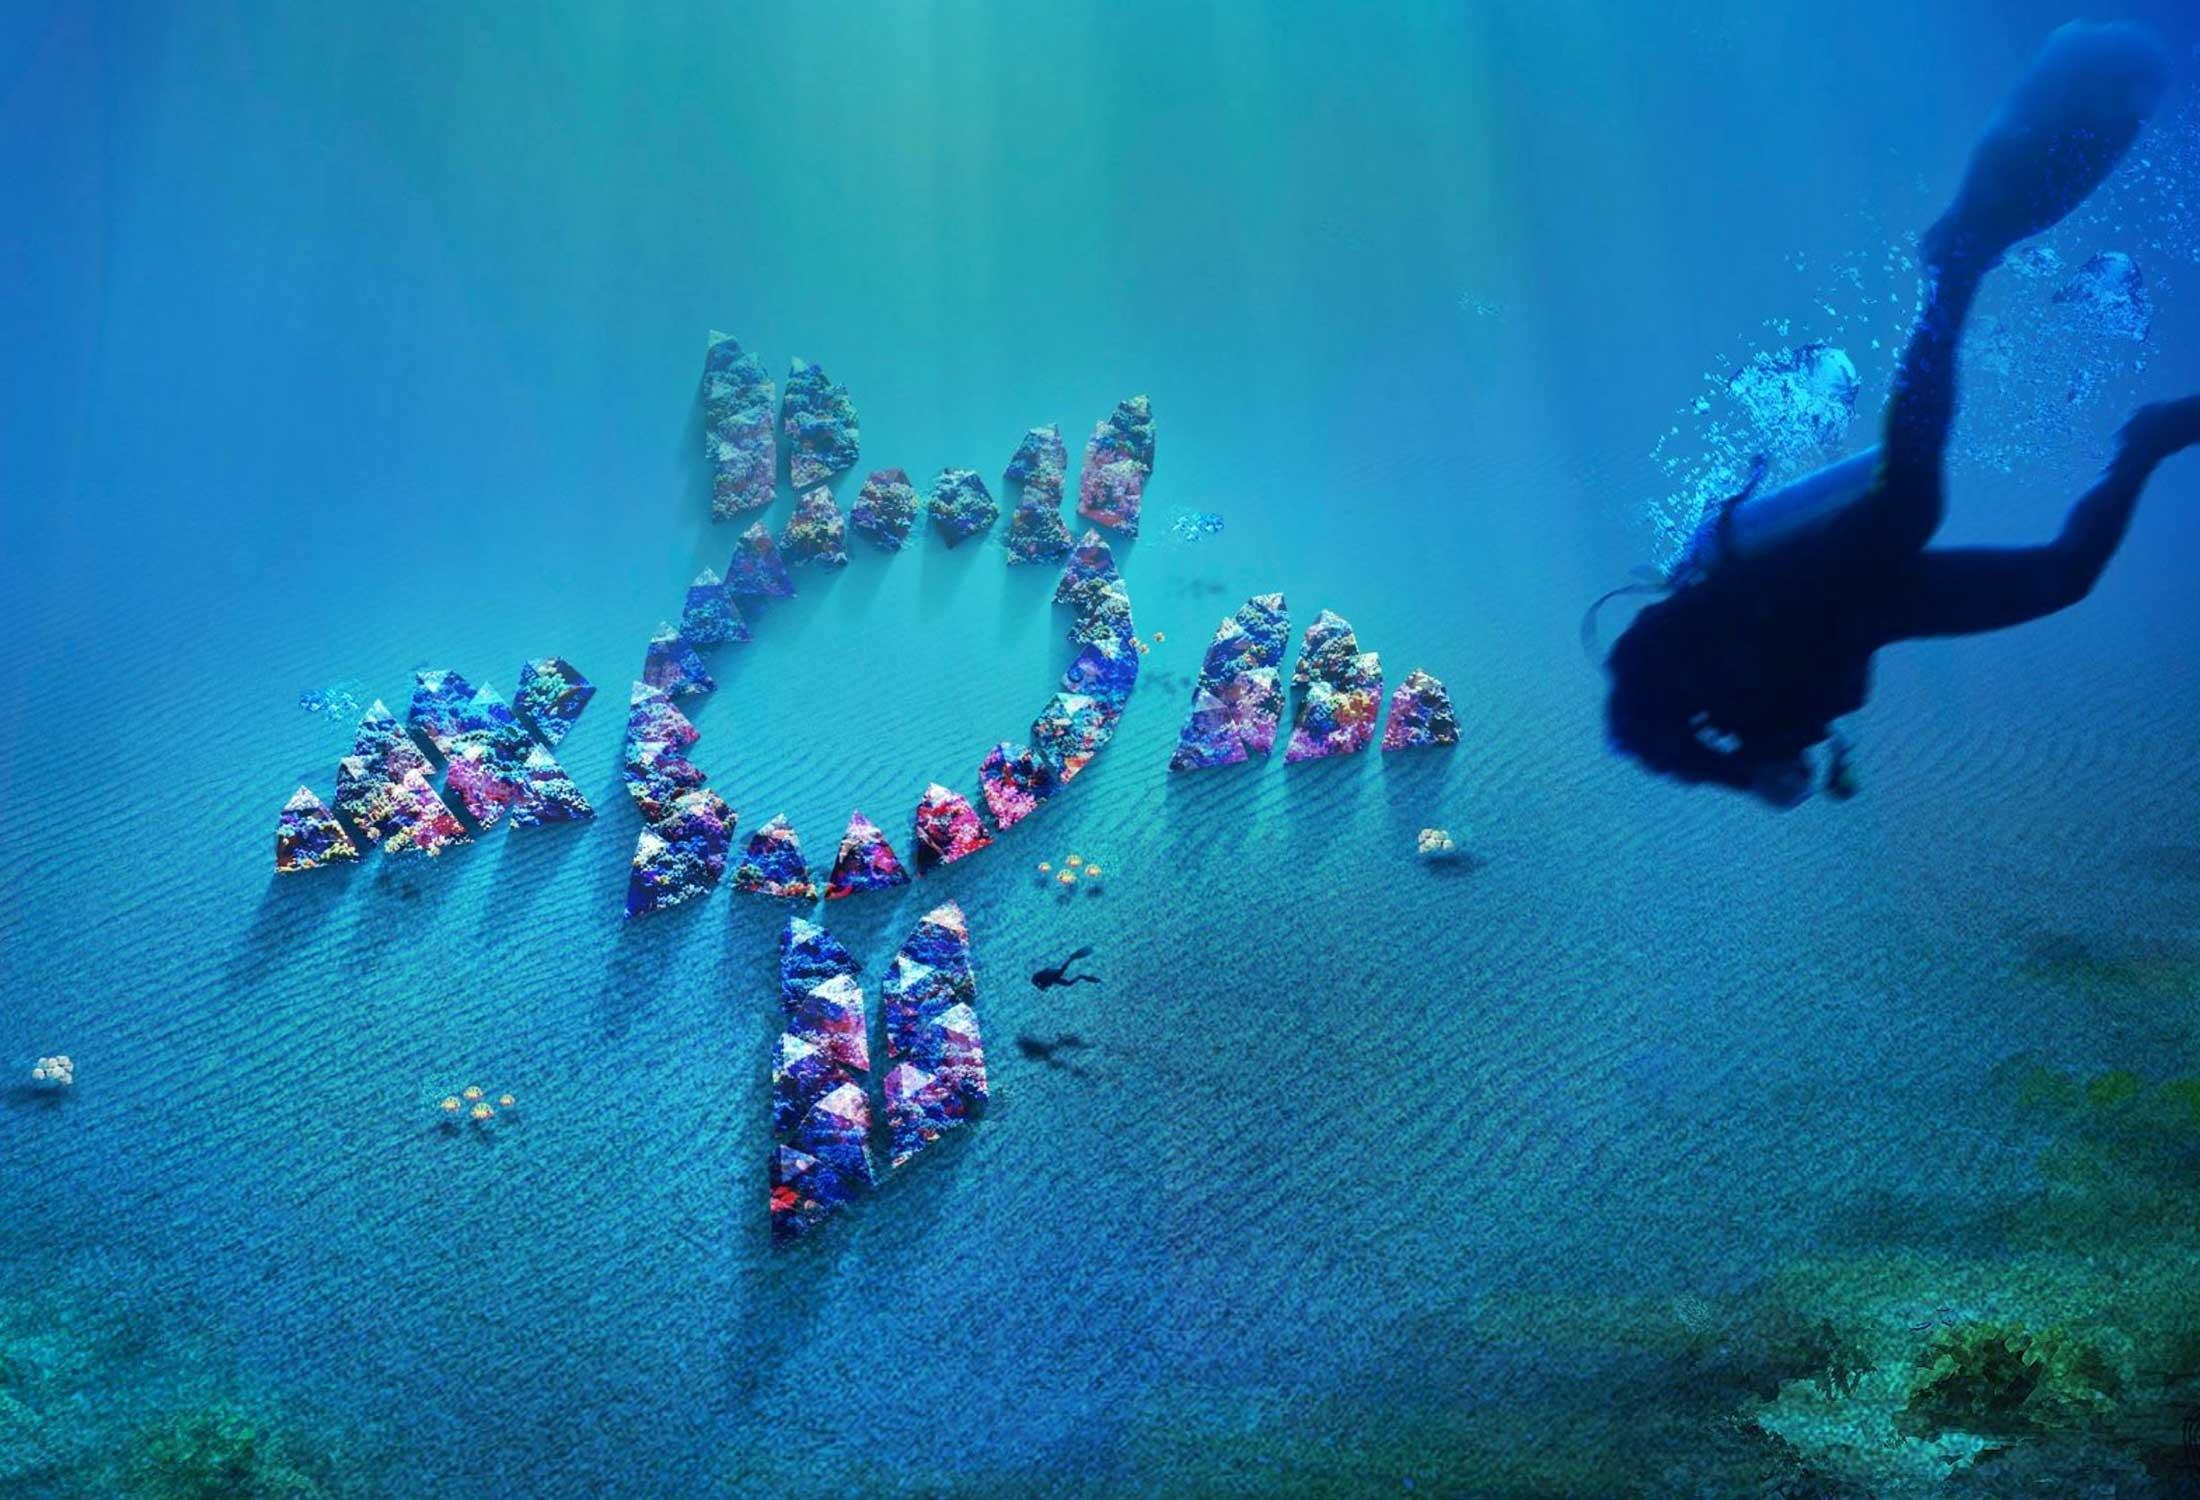 La tortuga, Proyecto Art Reef en Naples Florida Vito Di Bari